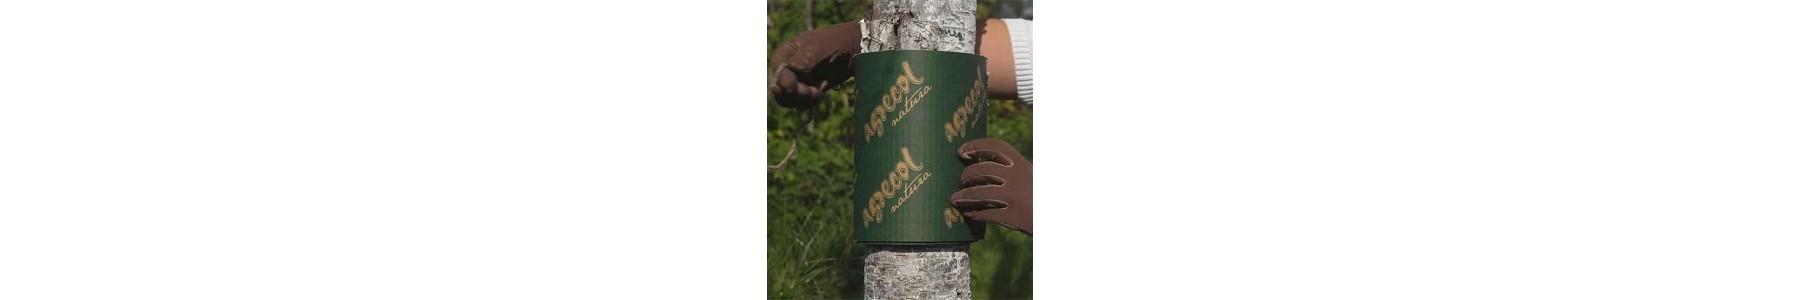 Ochrona pni drzew